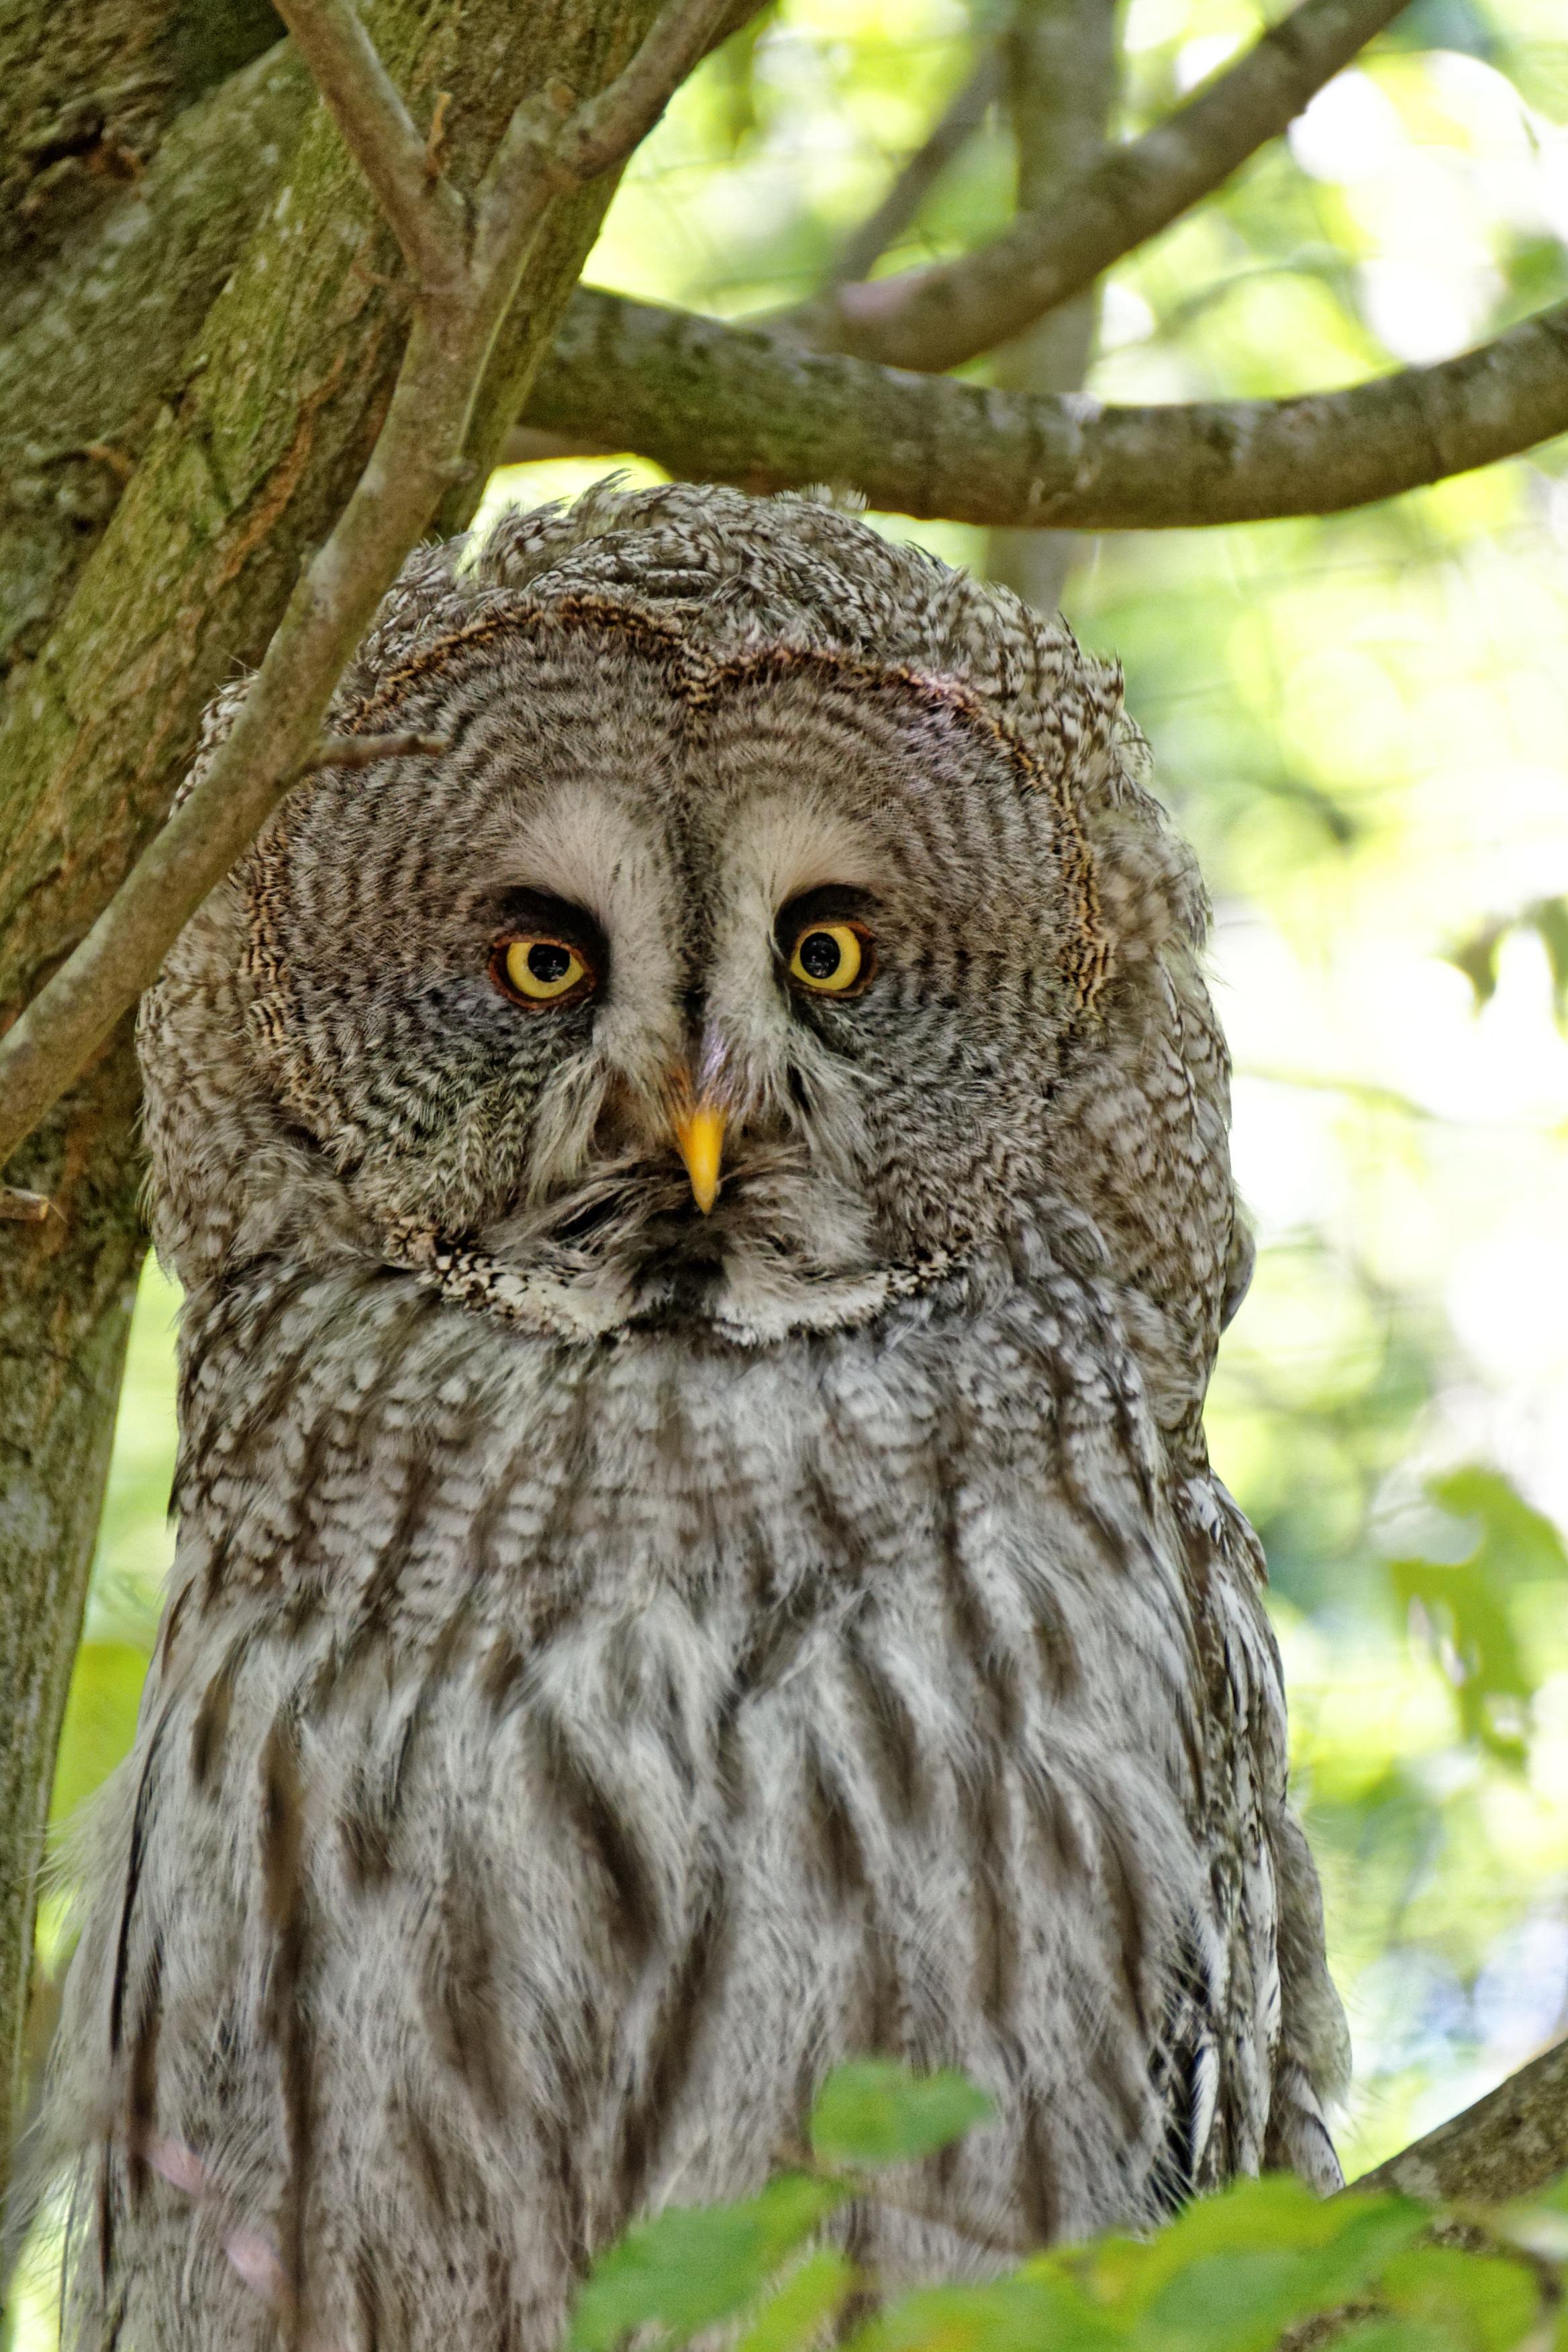 Download 71 Foto Gambar Burung Hantu Gambar Burung Hantu HD Terbaik Gratis